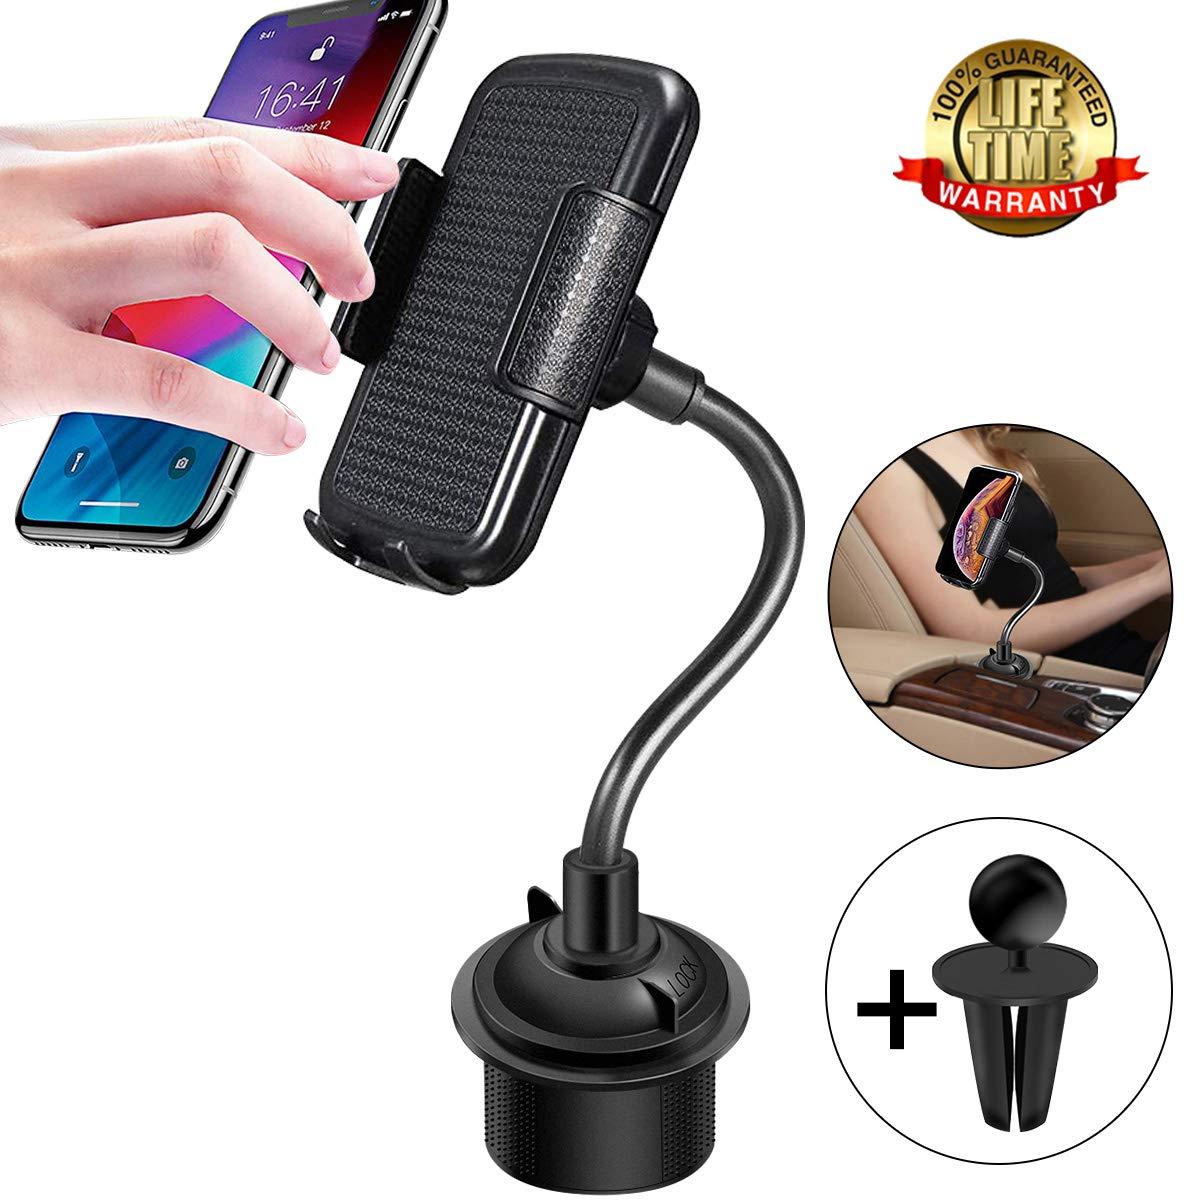 Soporte Ajustable para el sujetavasos del Coche con Cuello Flexible para iPhone 6 7 8 Plus X XS Samsung Galaxy S9 S10 Plus Huawei mate20 Pro